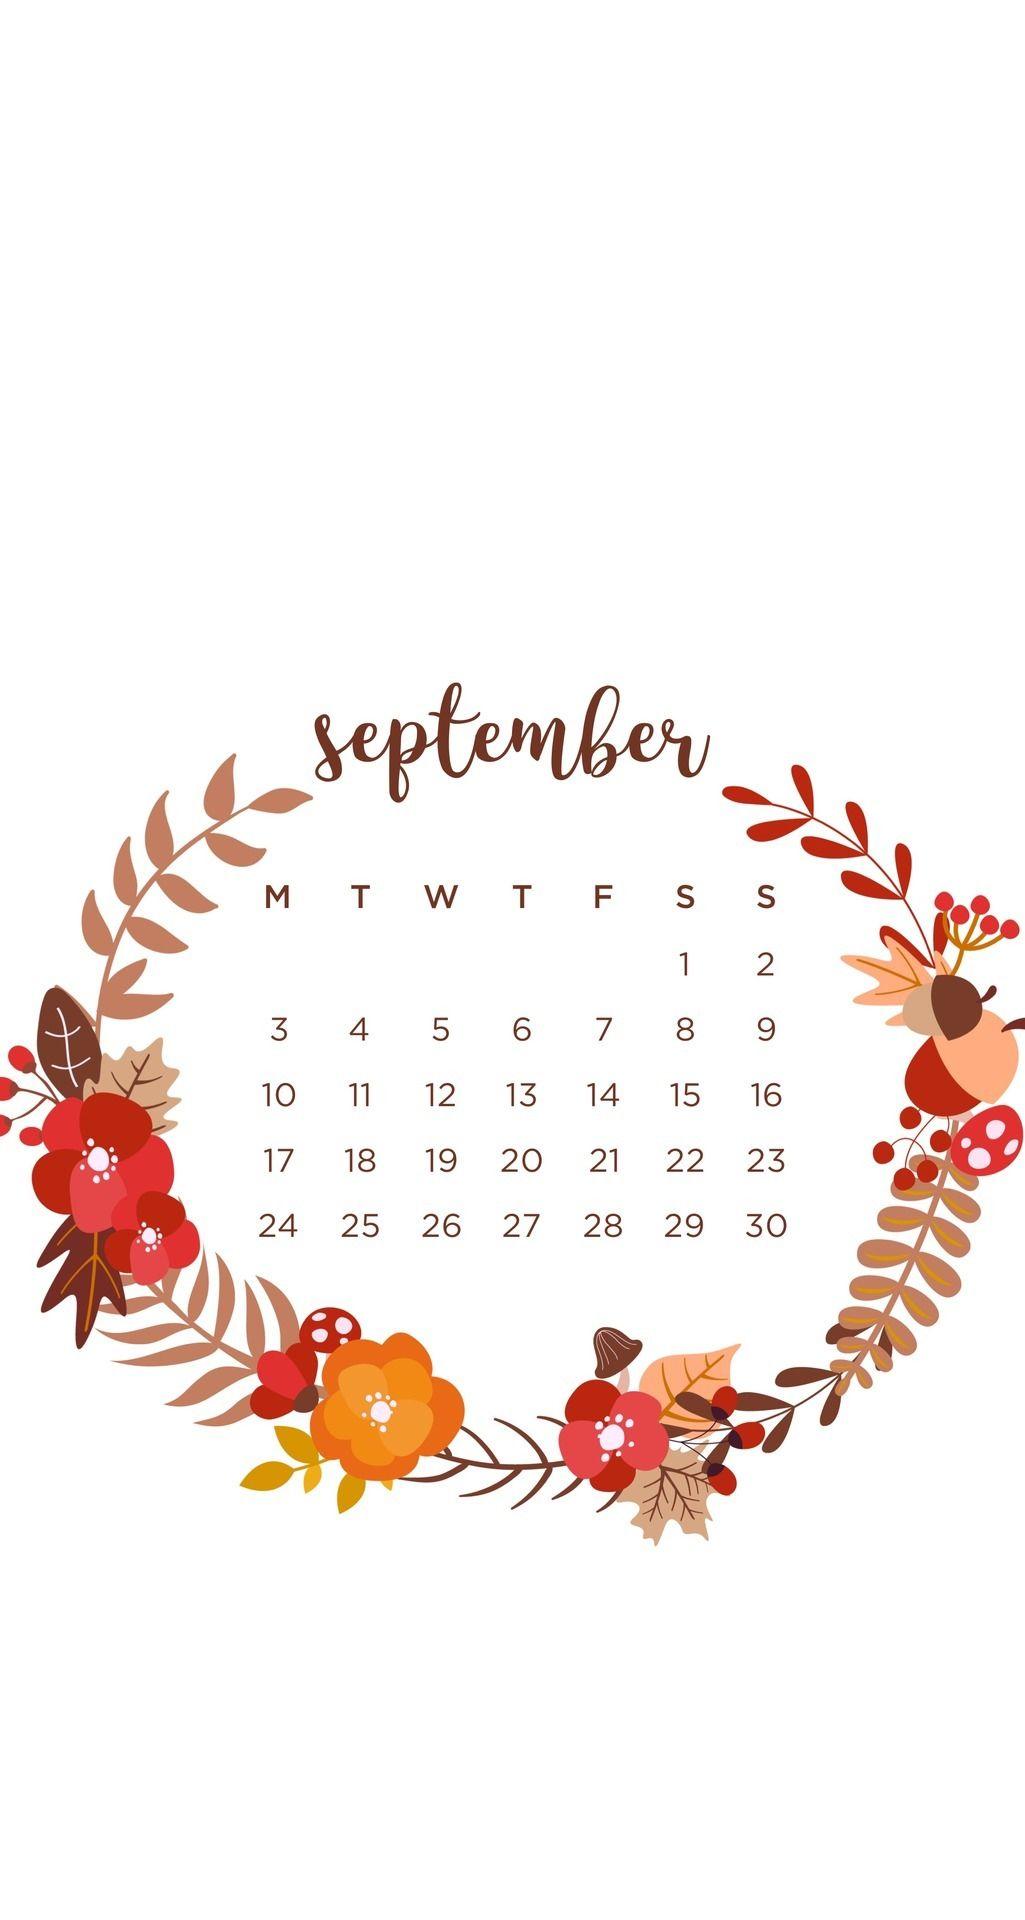 September 2018 Wallpaper calendar iPhone in 2019 September 1025x1920